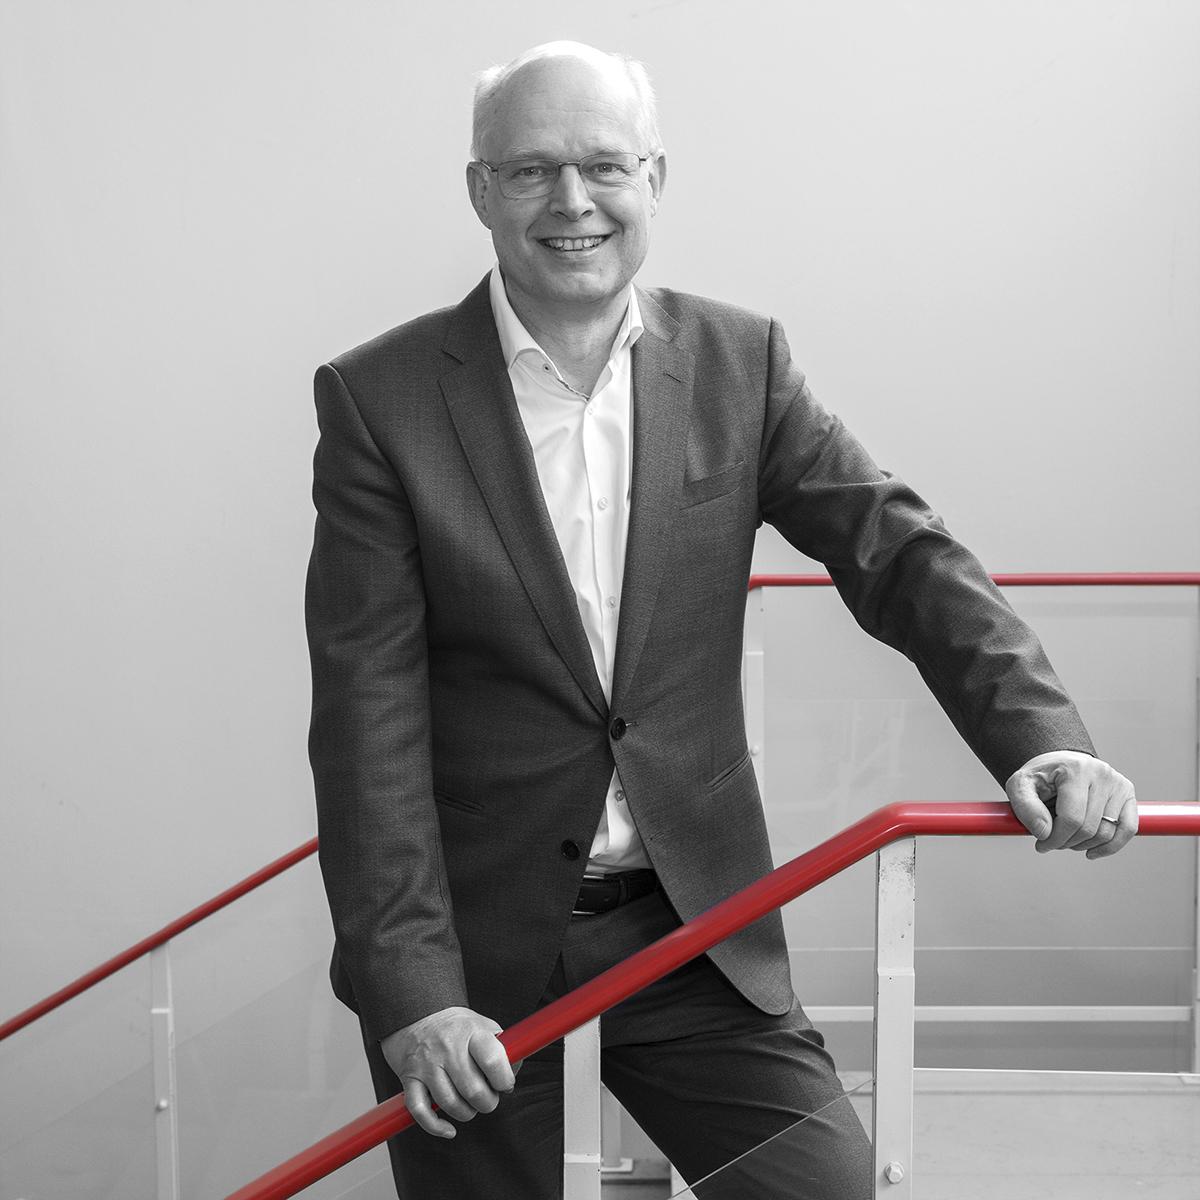 Paul van den Biggelaar